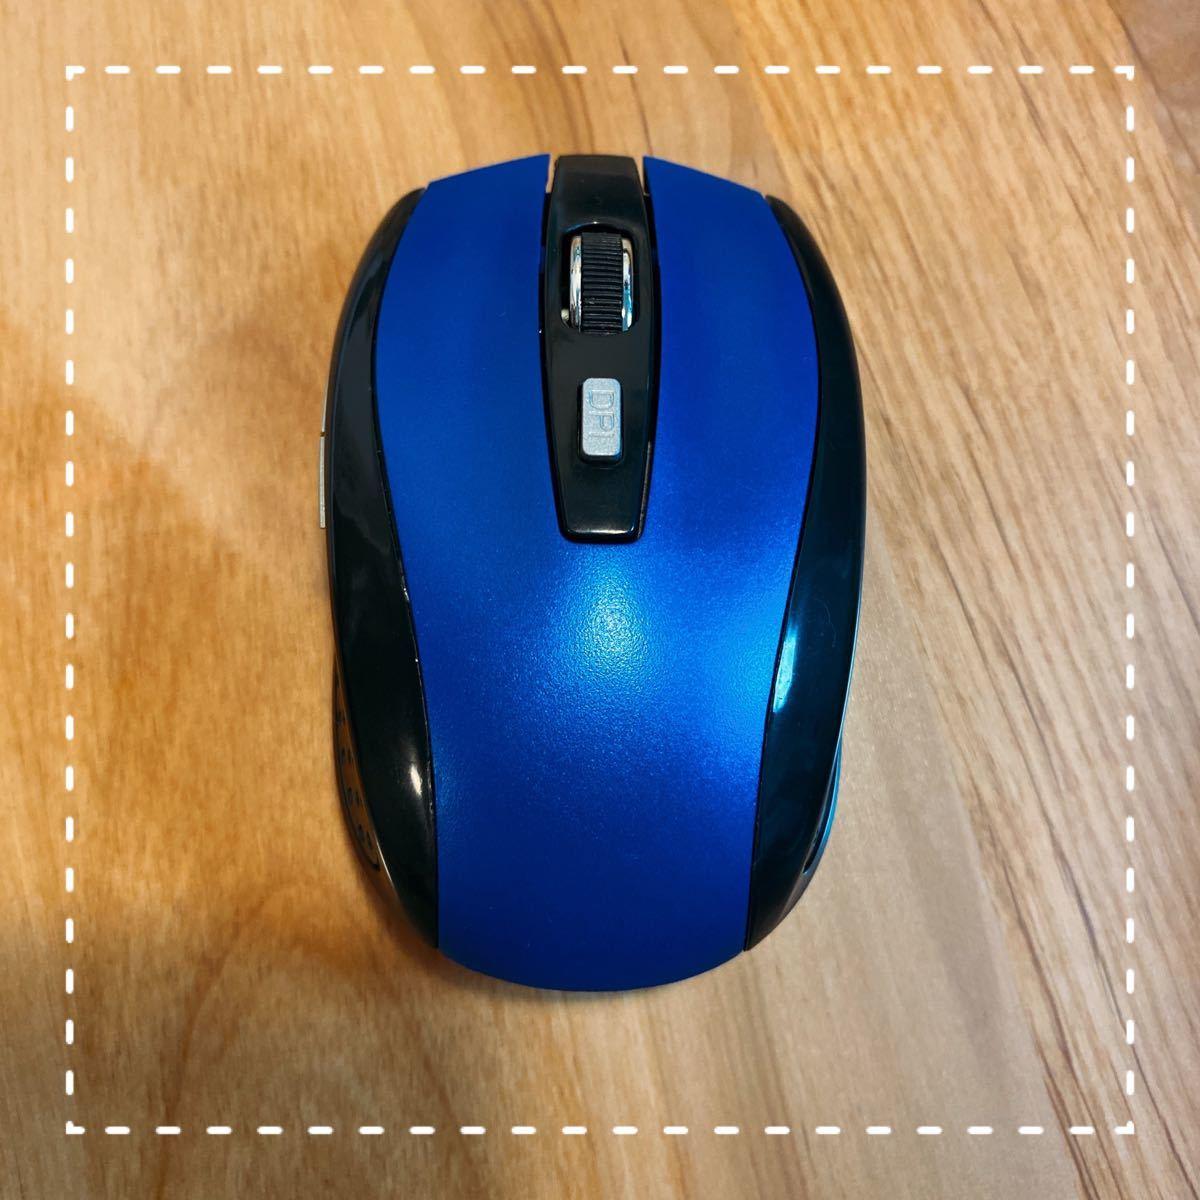 ワイヤレスマウス 無線 ワイヤレス マウス ワイヤレス マウスパソコン ブルー